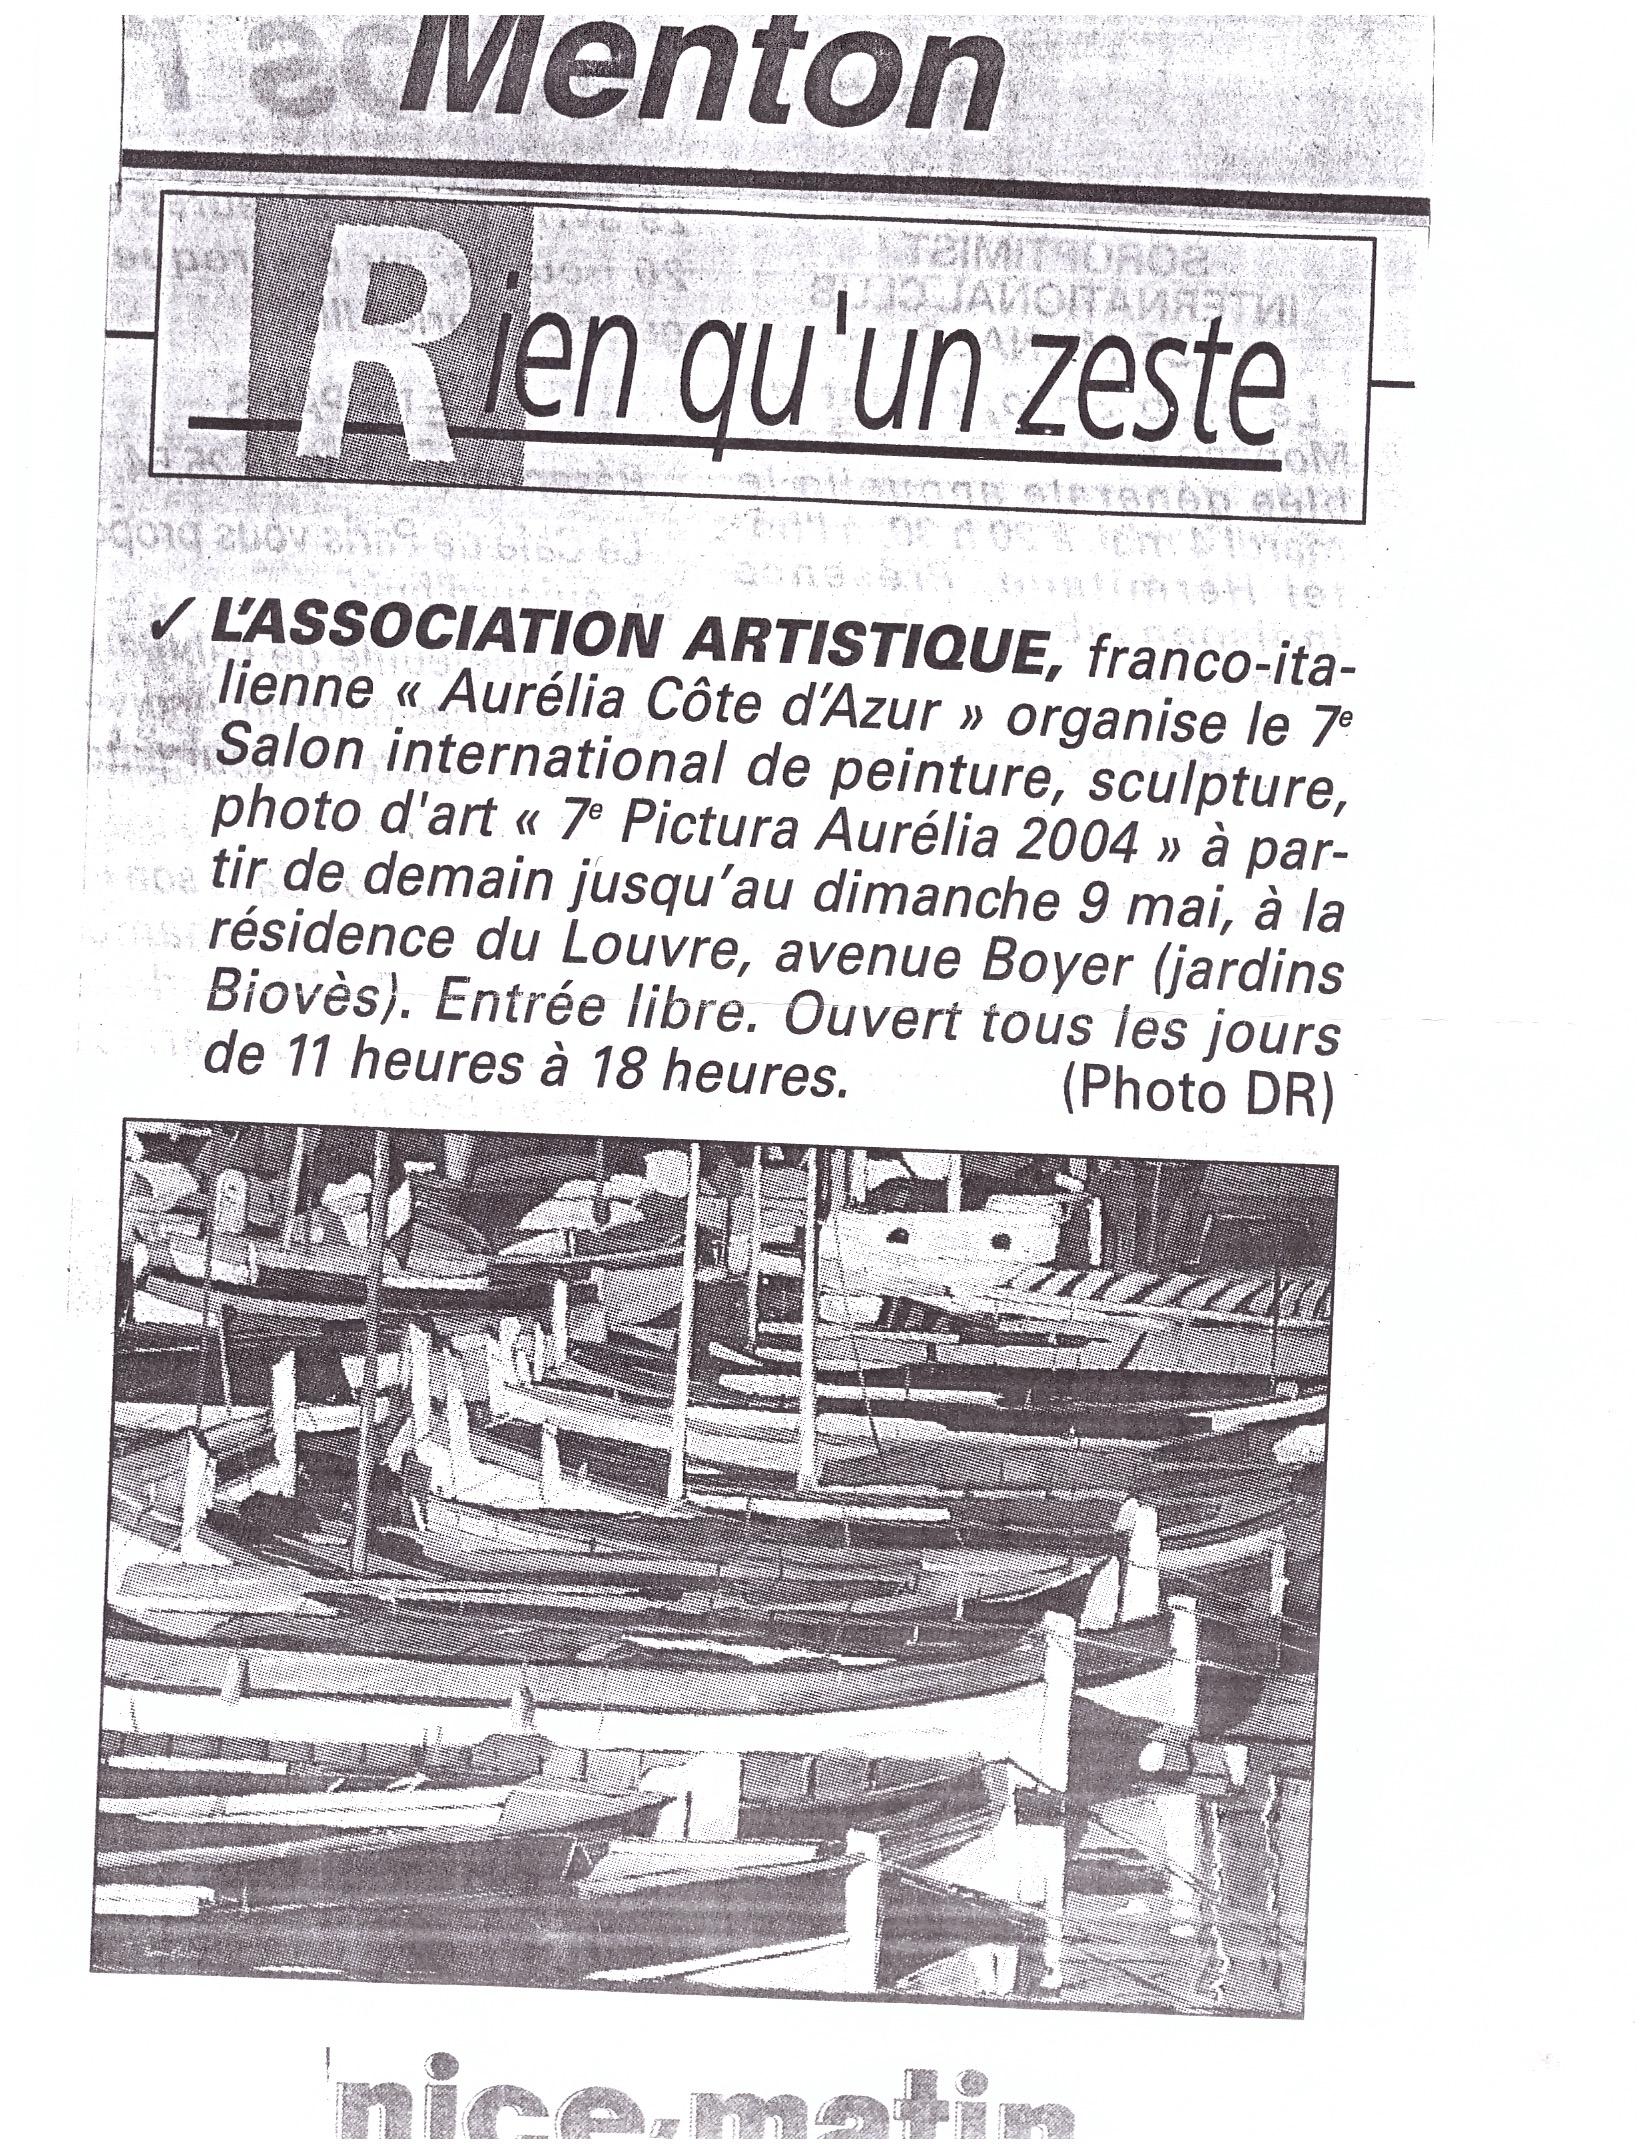 2004 MENTON RIEN QU UN ZEST 1